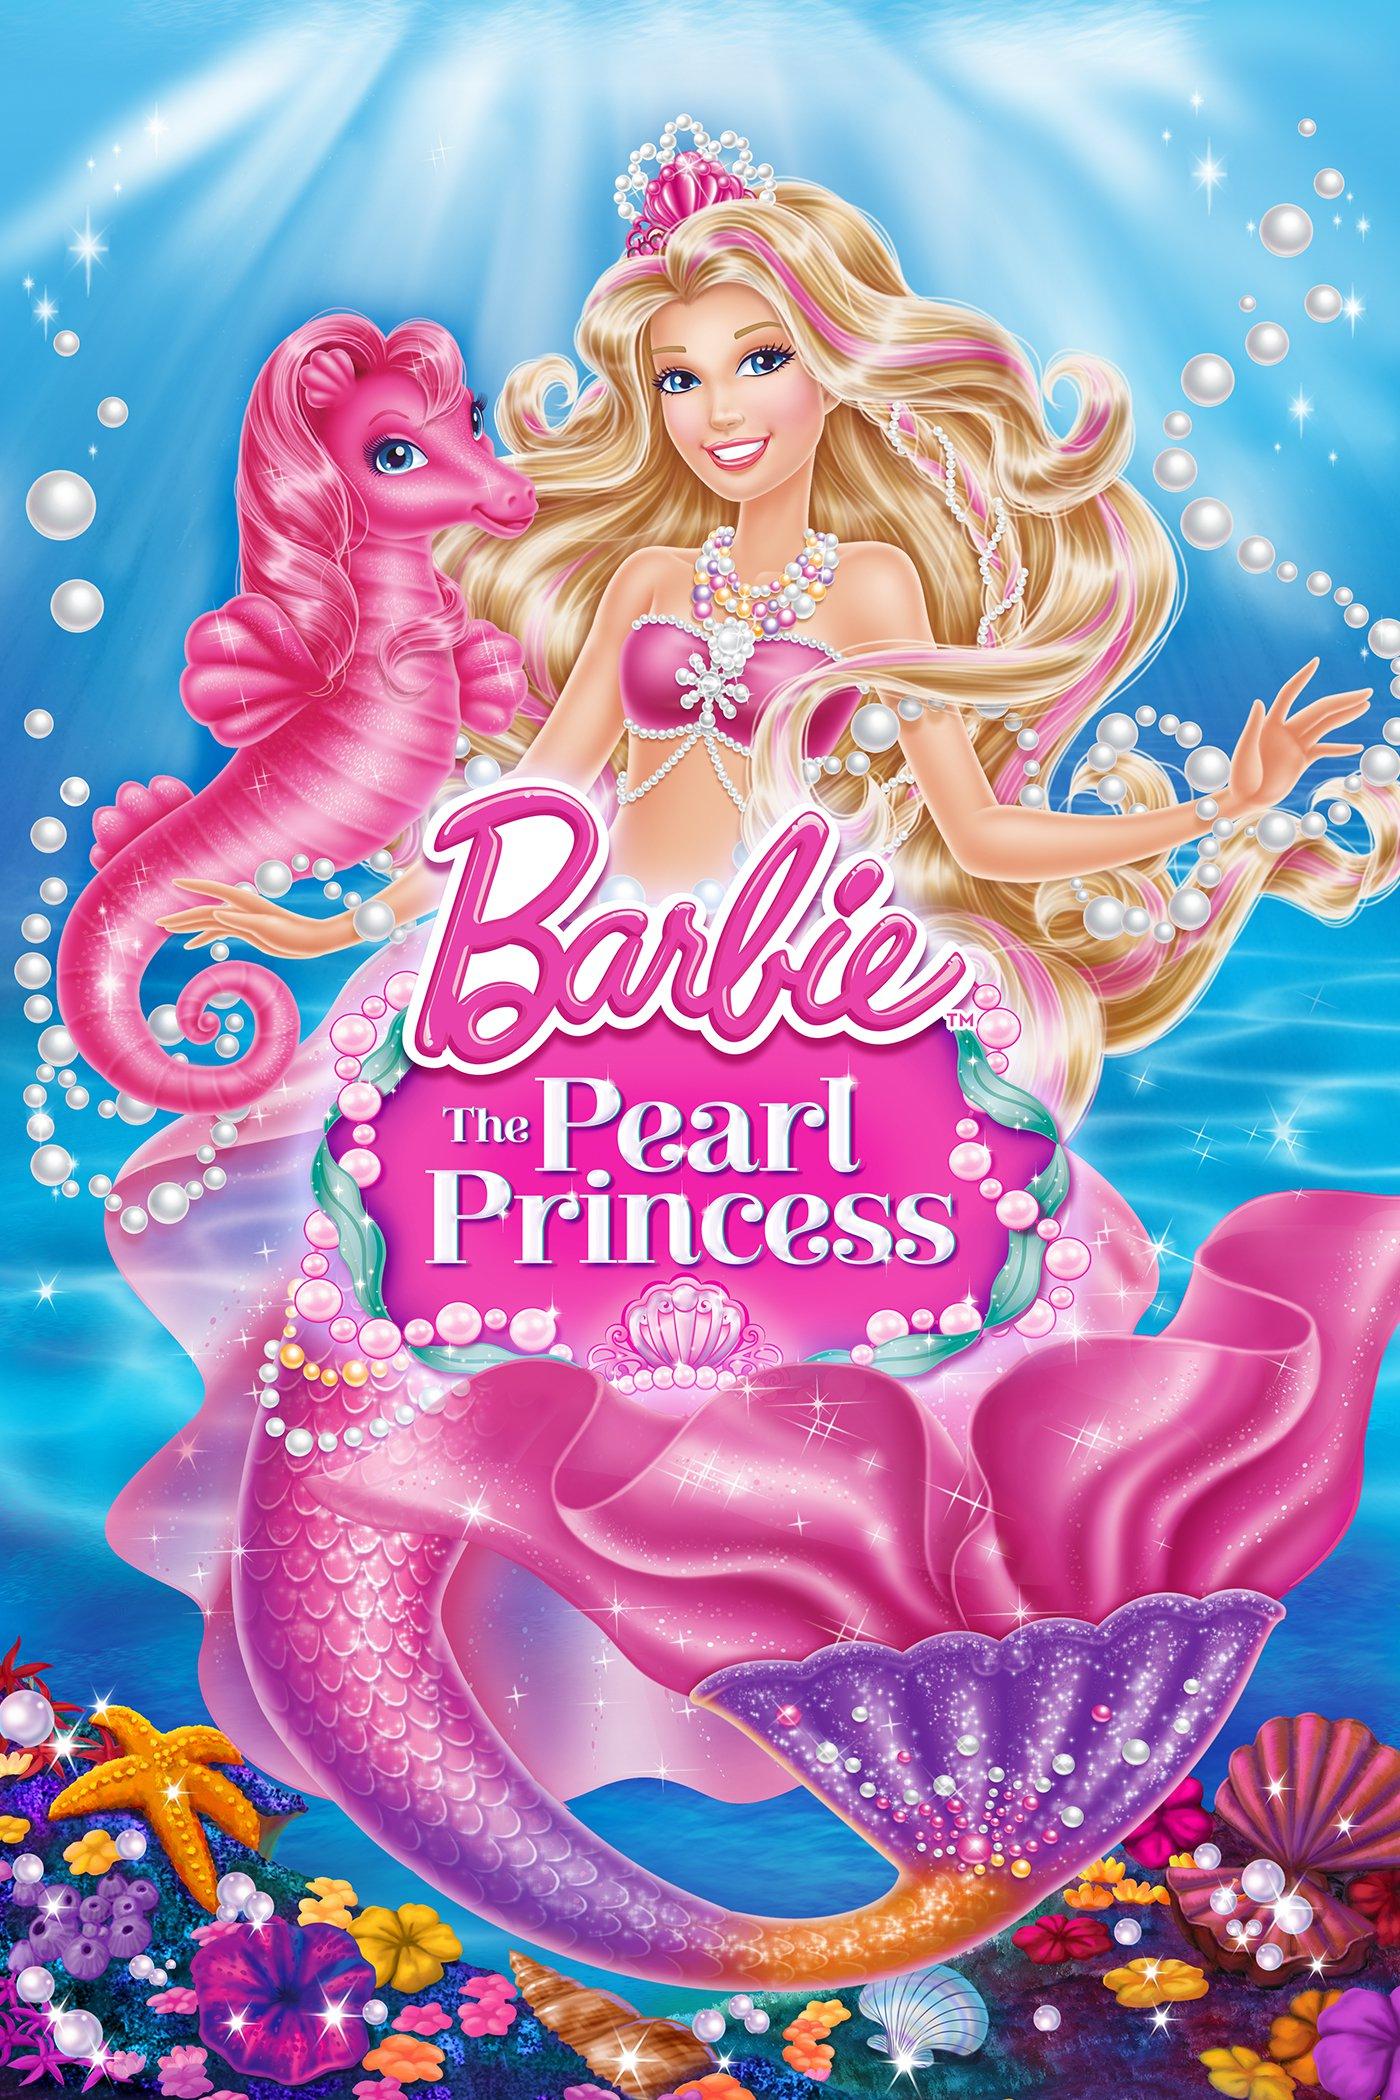 دانلود کارتون barbie in the pink shoes 2013